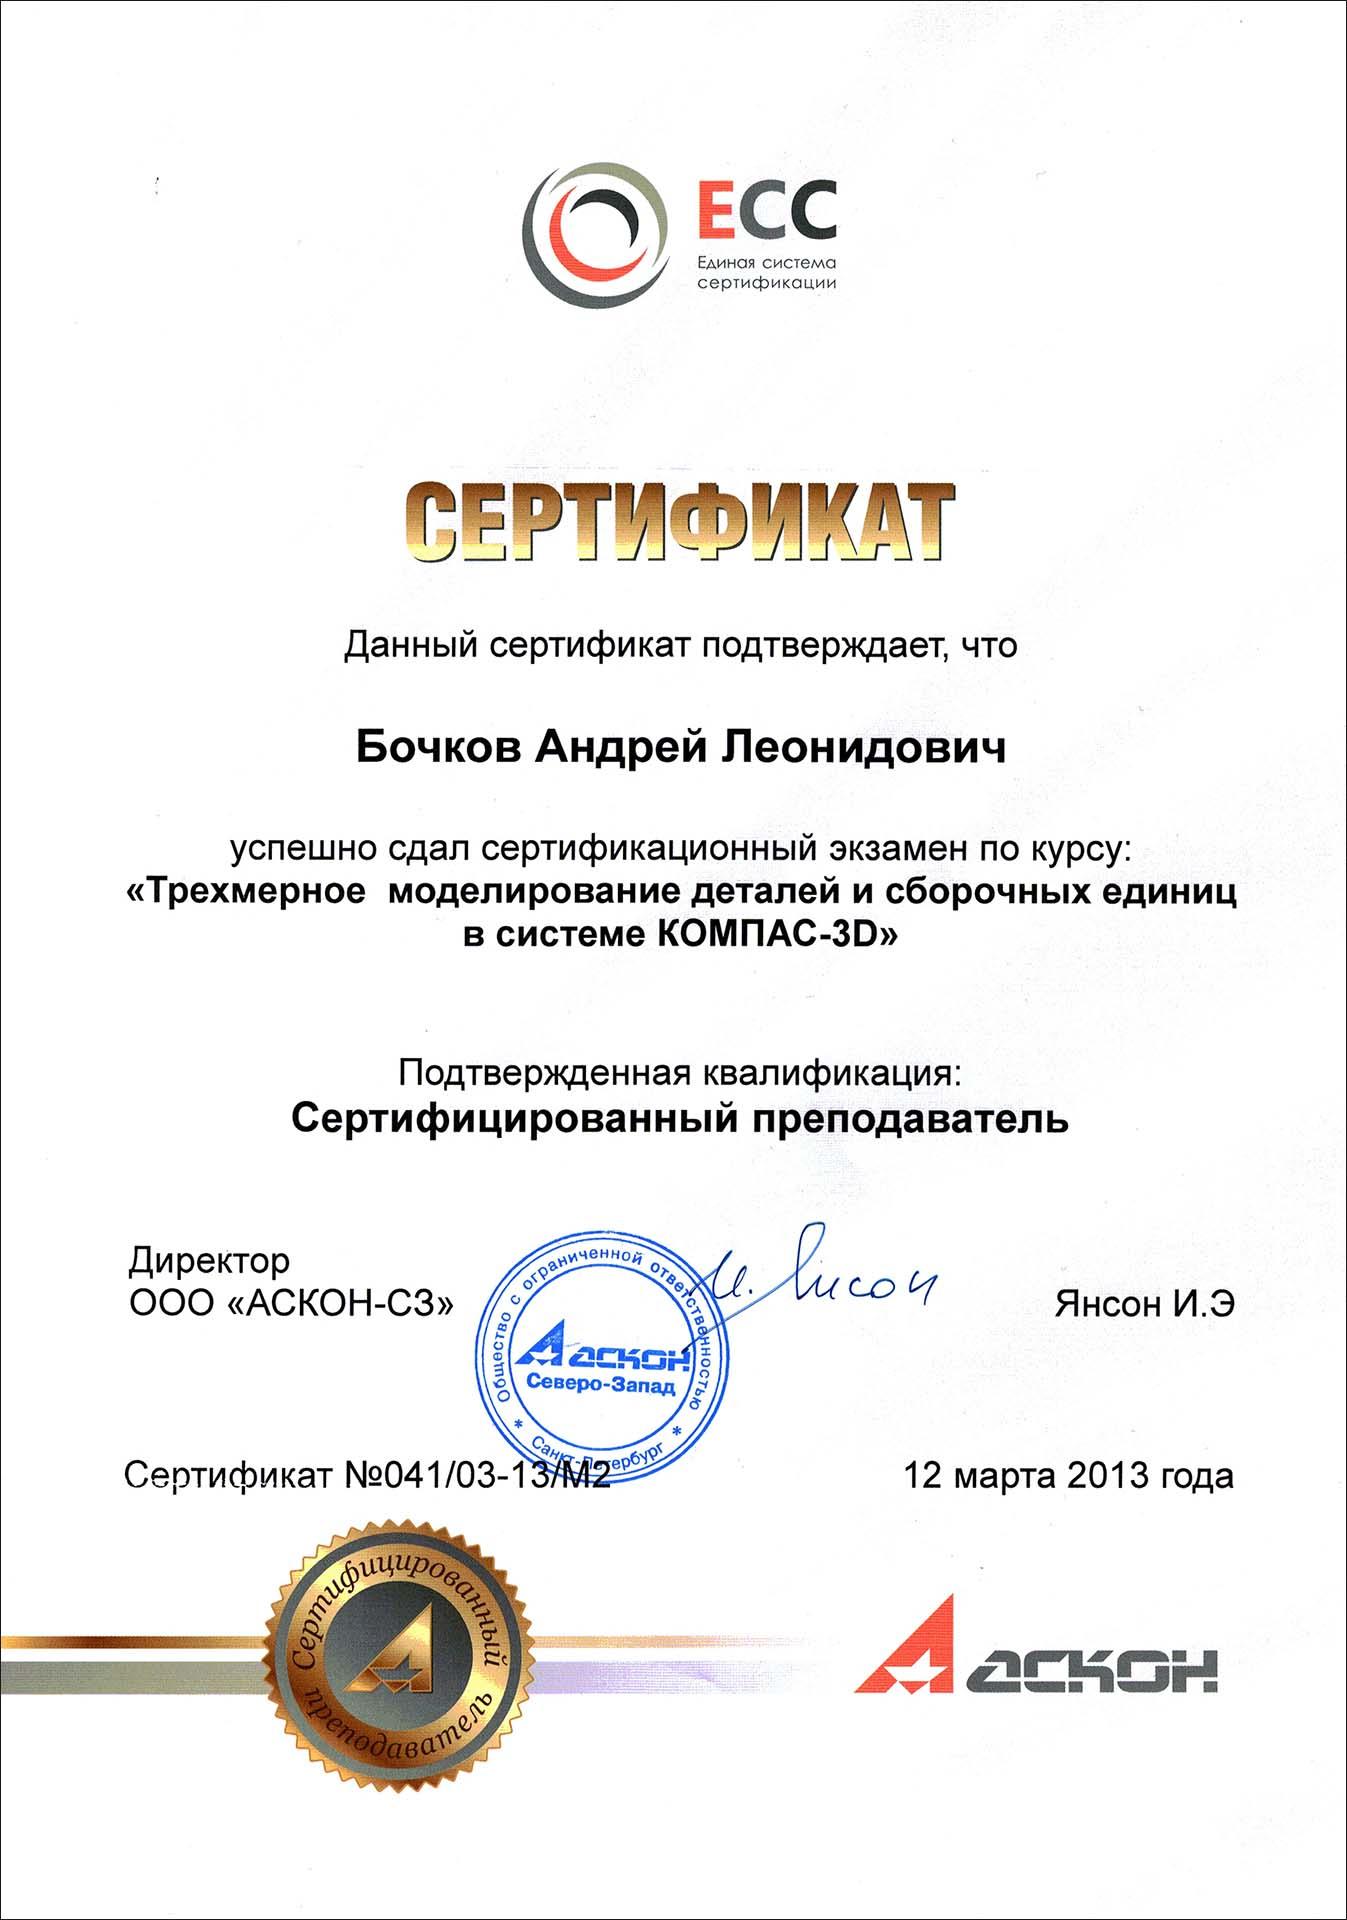 Сертификат КОМПАС-3D